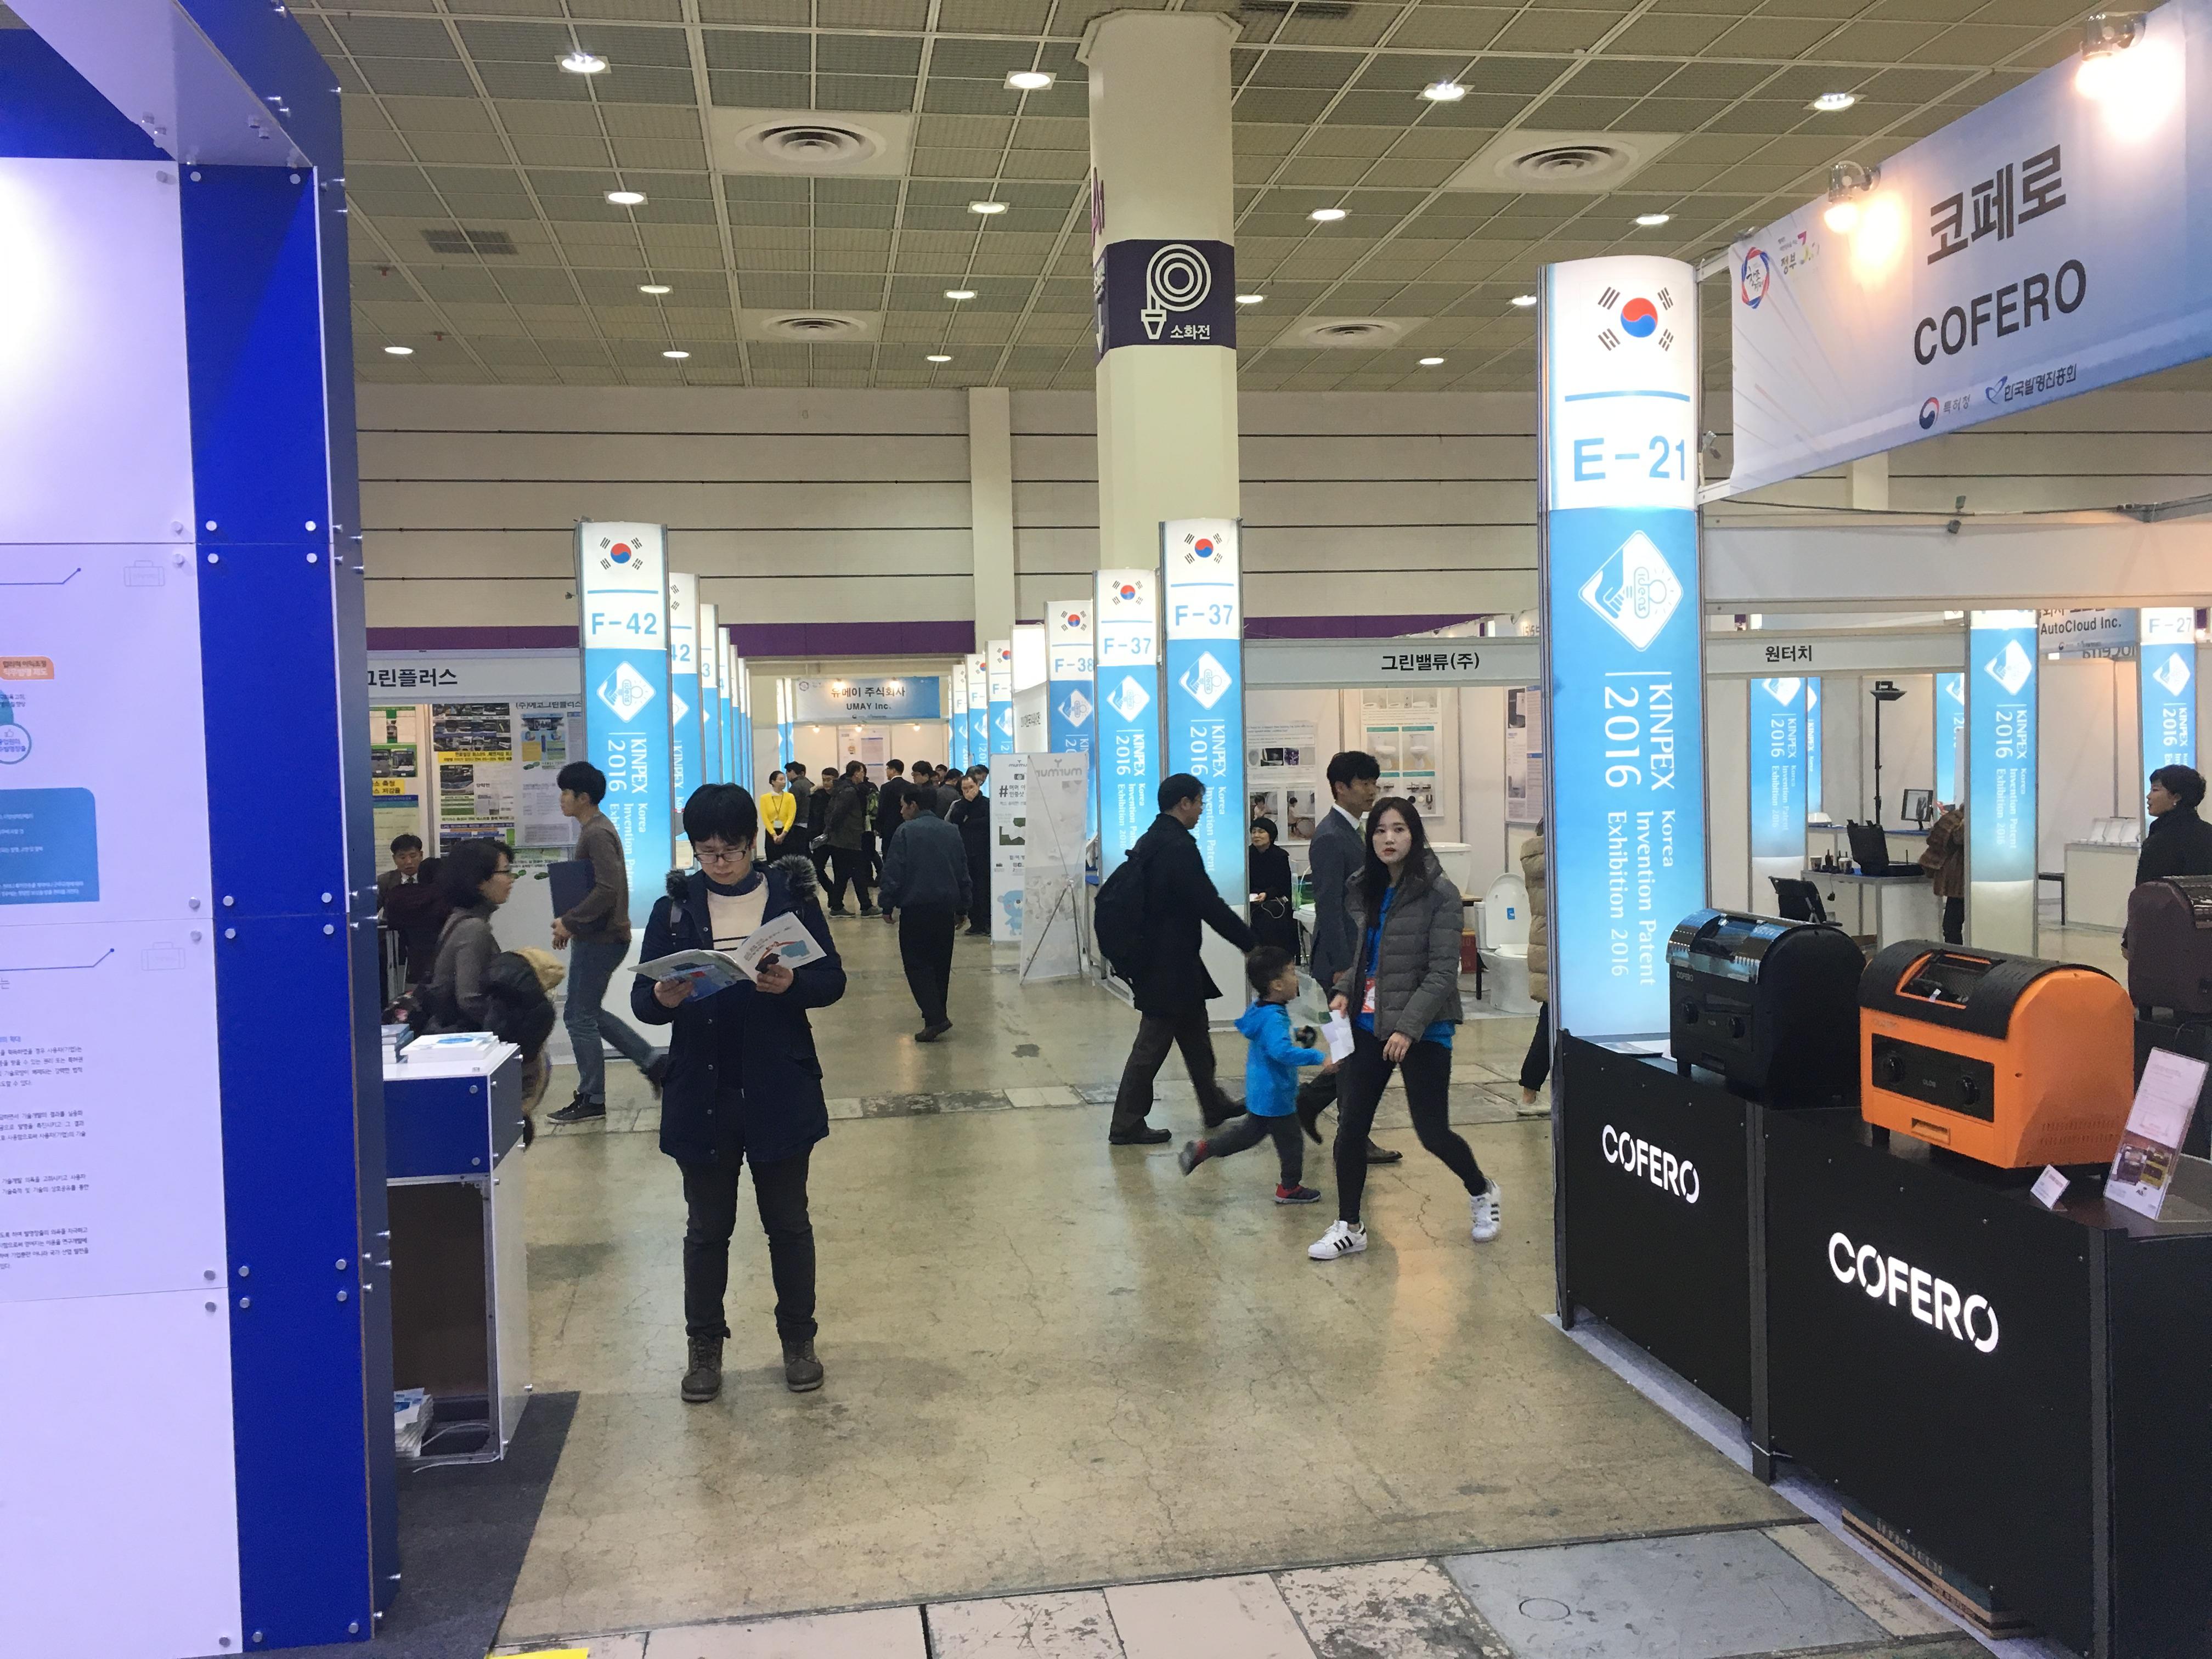 2016 외국인 발명•창업 대전 1일 전시장 전경. 출처=벤처스퀘어